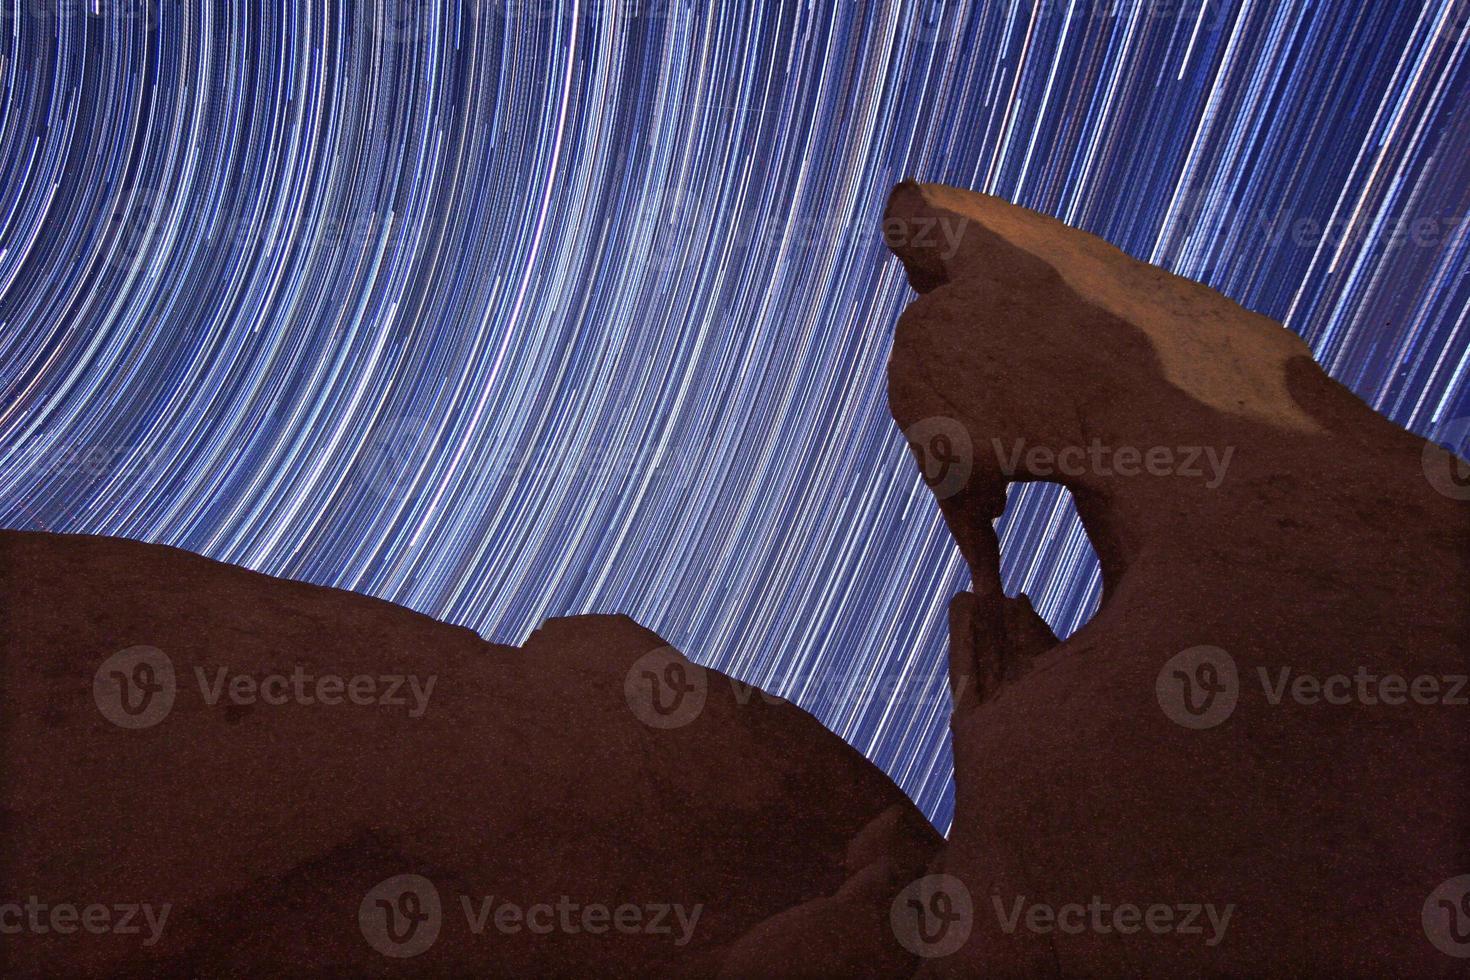 larga exposición sobre las rocas del parque joshua tree foto